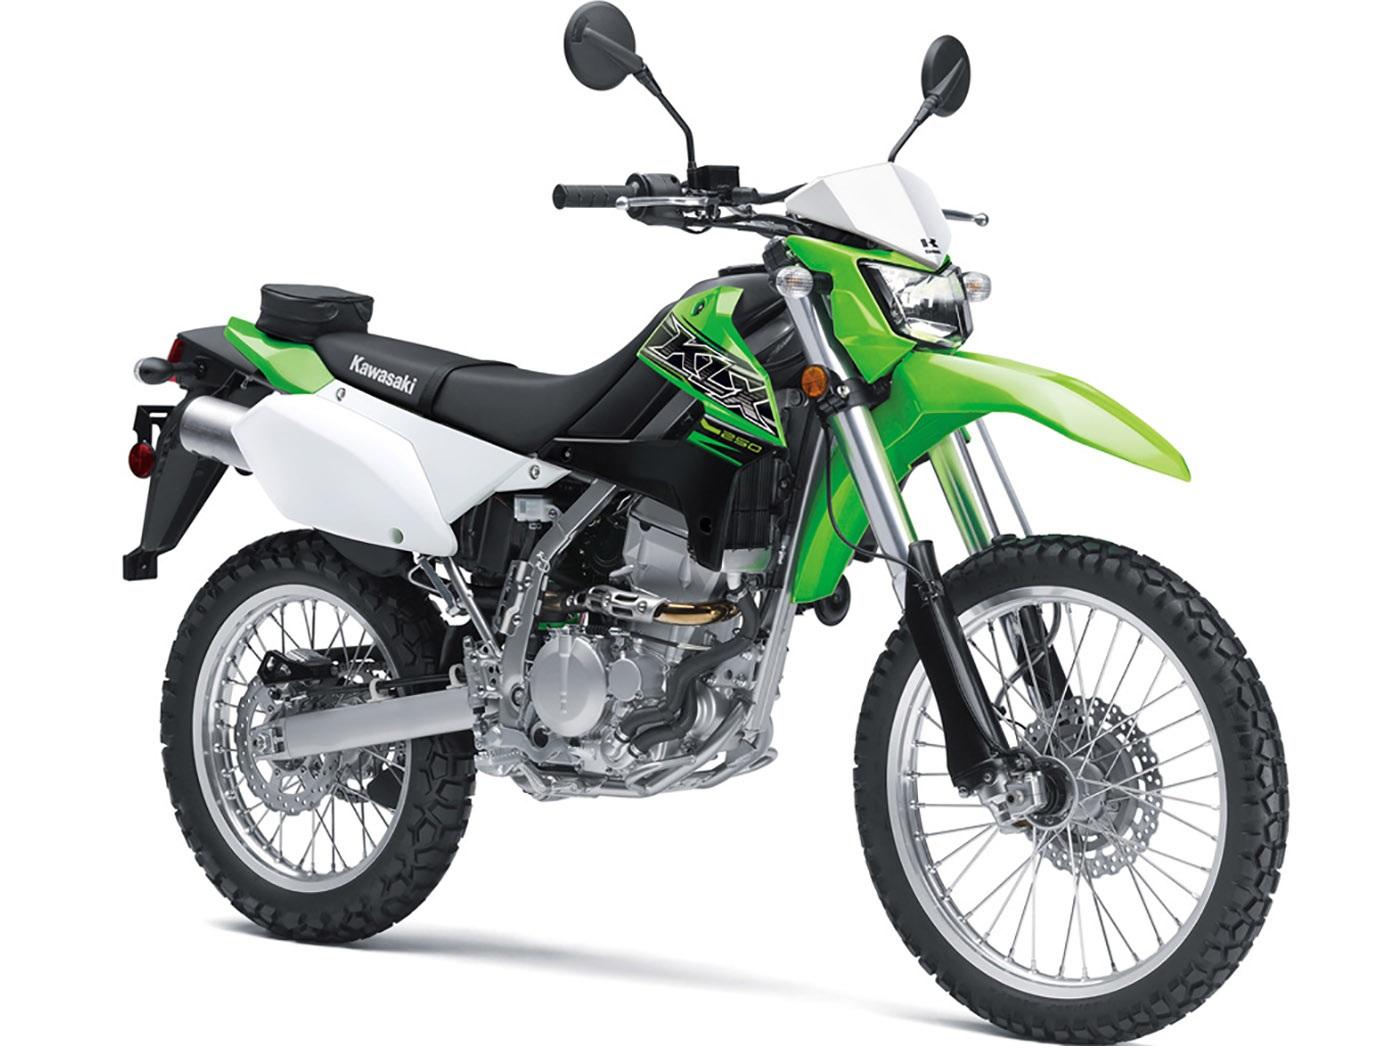 KLX 249